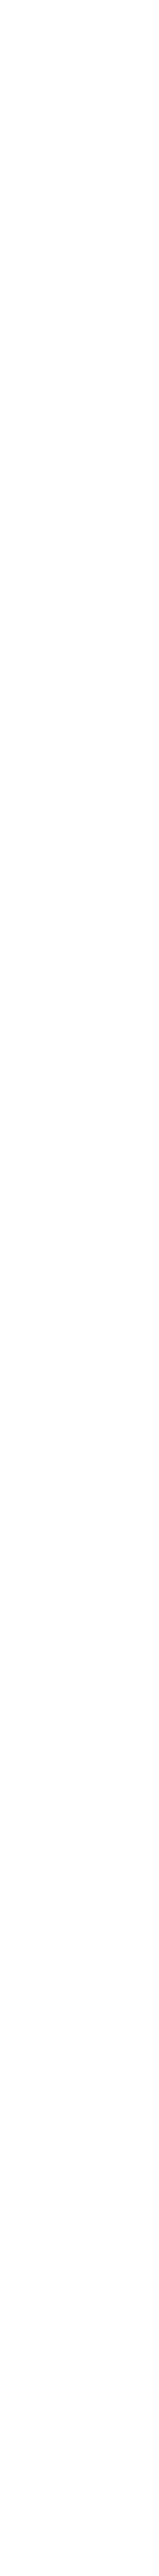 ดารา ทหาร 2559 ชิน